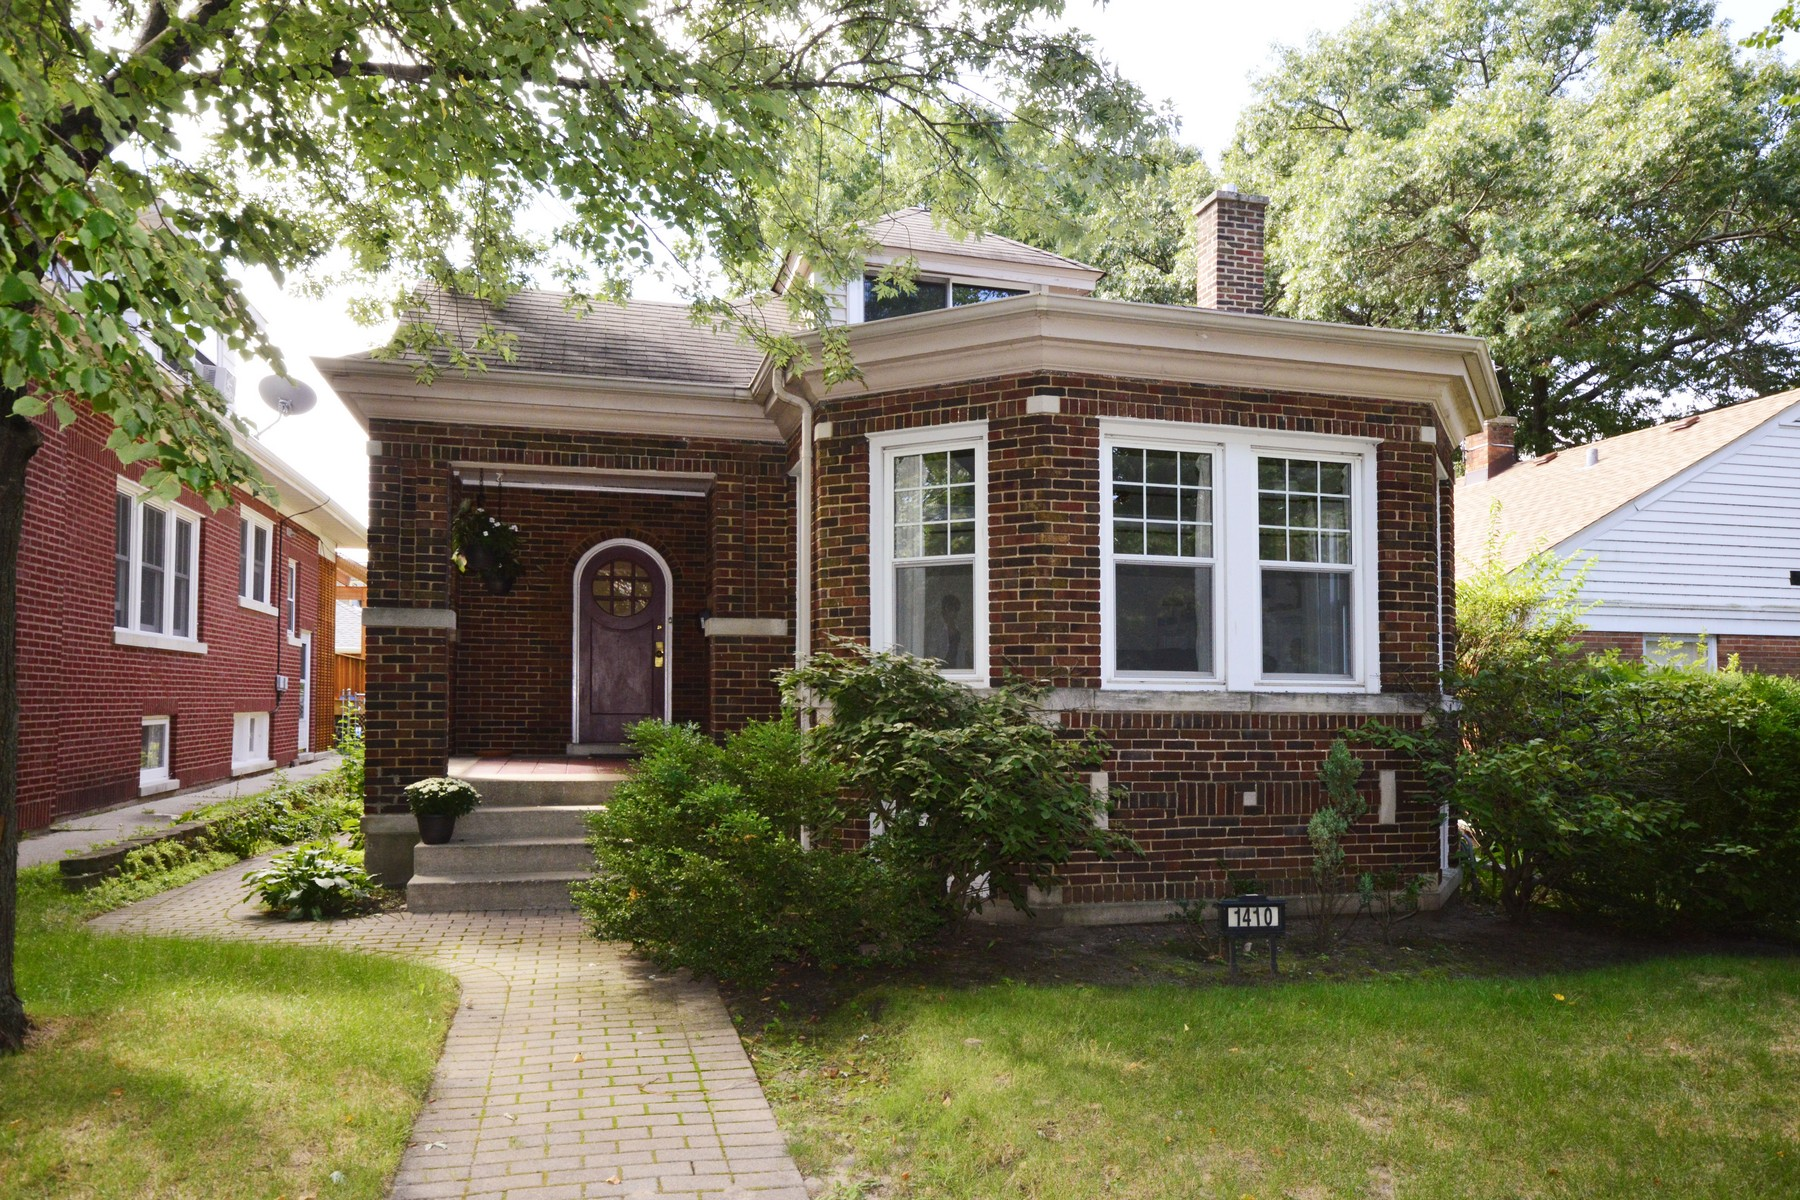 Casa para uma família para Venda às Charming, Classic Brick Bungalow 1410 Cleveland Street Evanston, Illinois, 60202 Estados Unidos